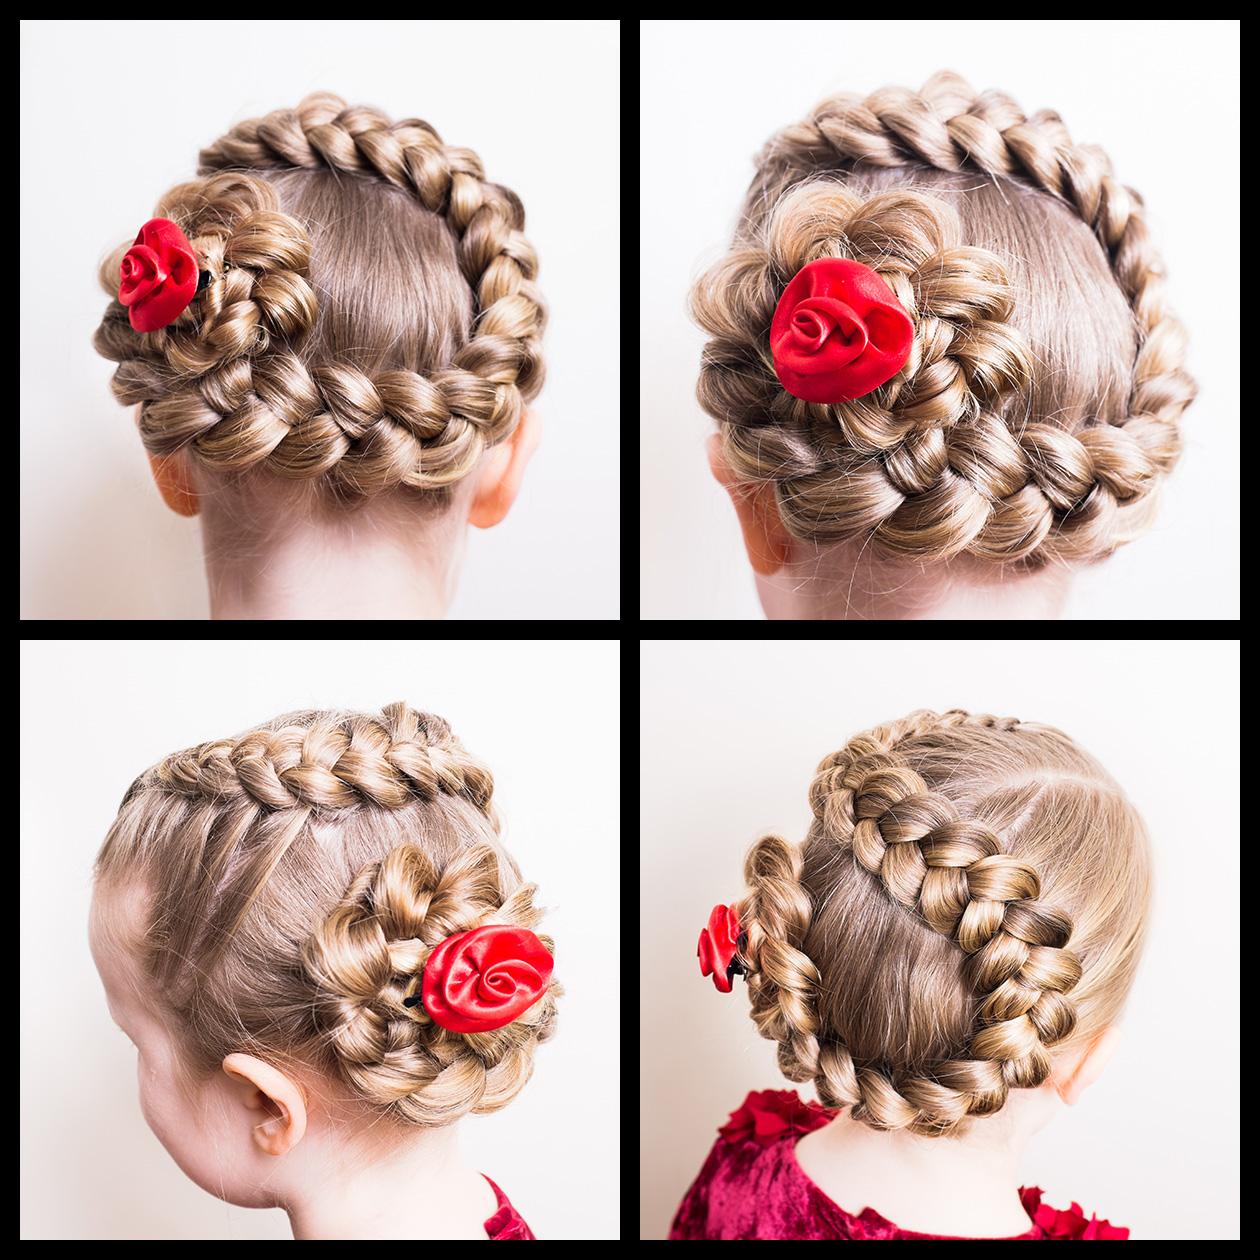 Spiral-Braid-with-Flower.jpg